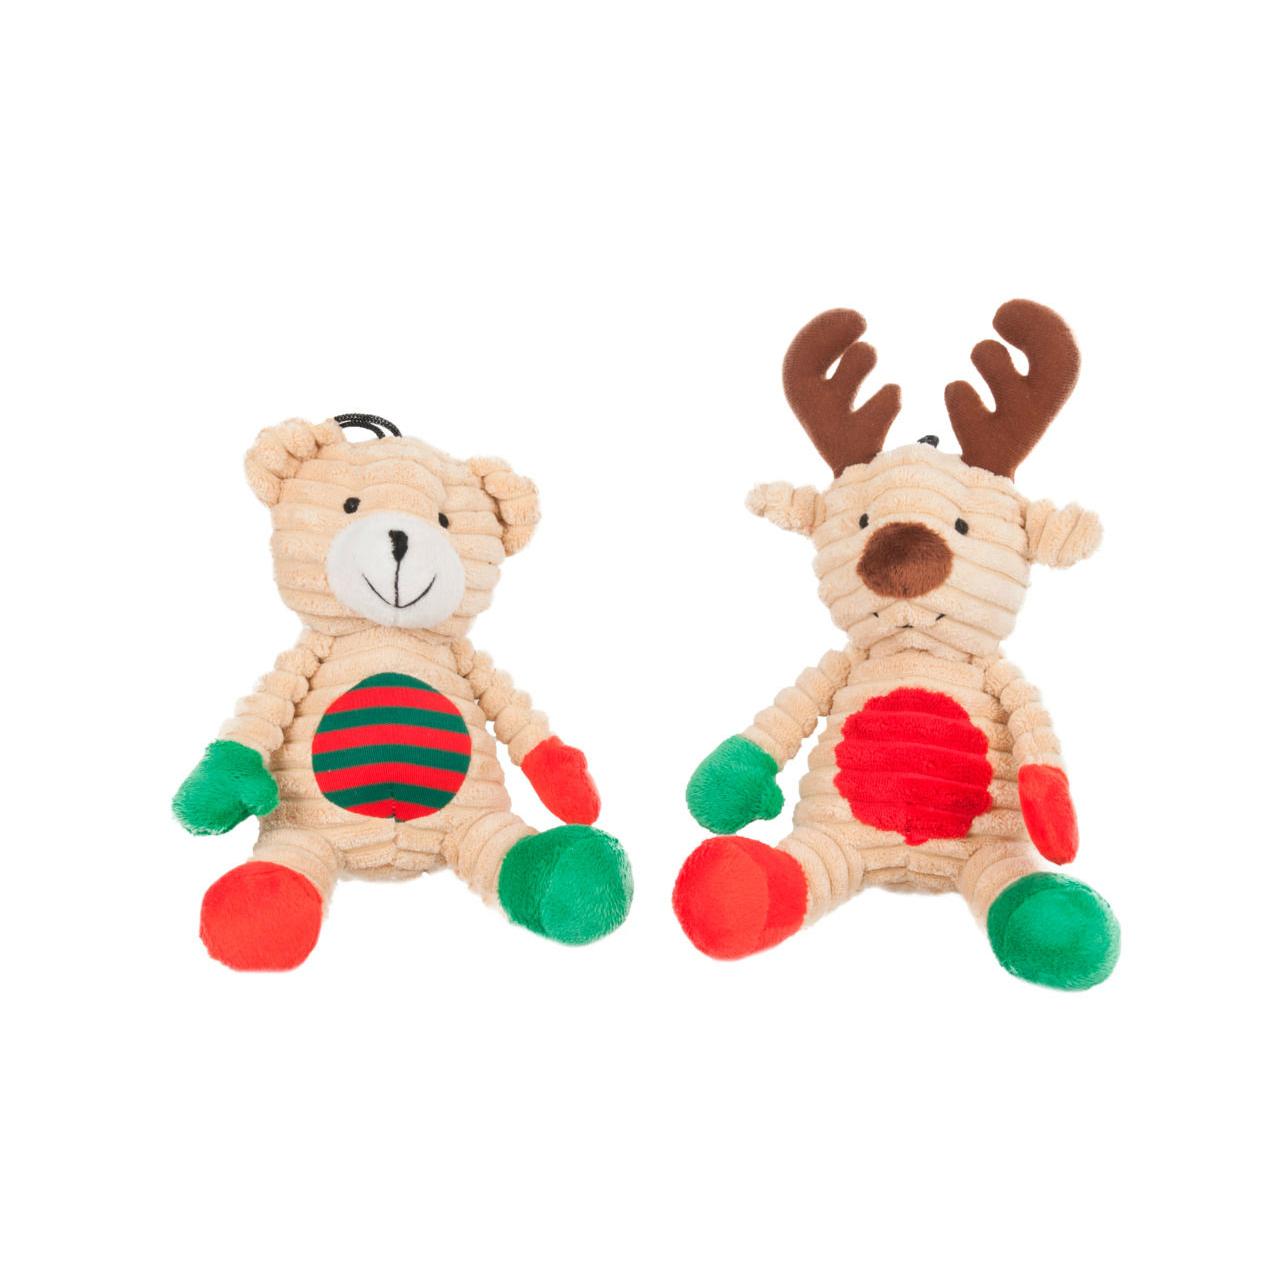 Karlie Hunde Weihnachtsspielzeug Plüsch, Bild 4